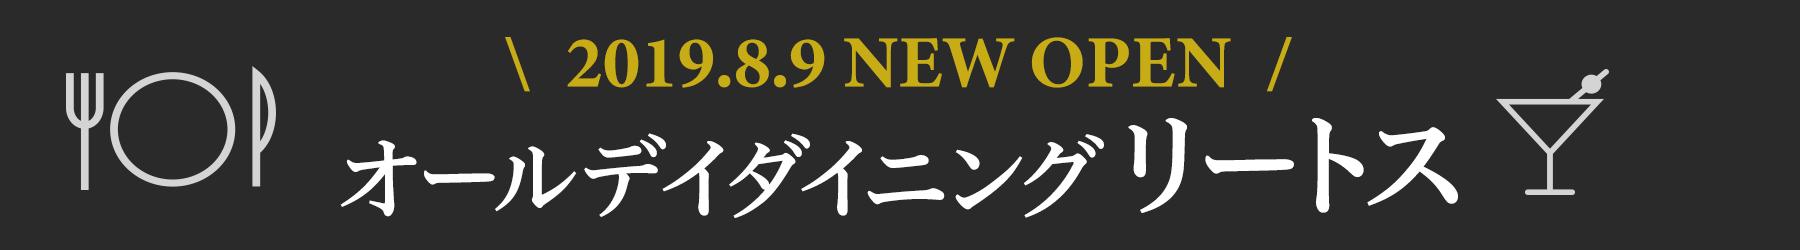 オールデイダイニング リートス 2019年8月9日(金)オープン